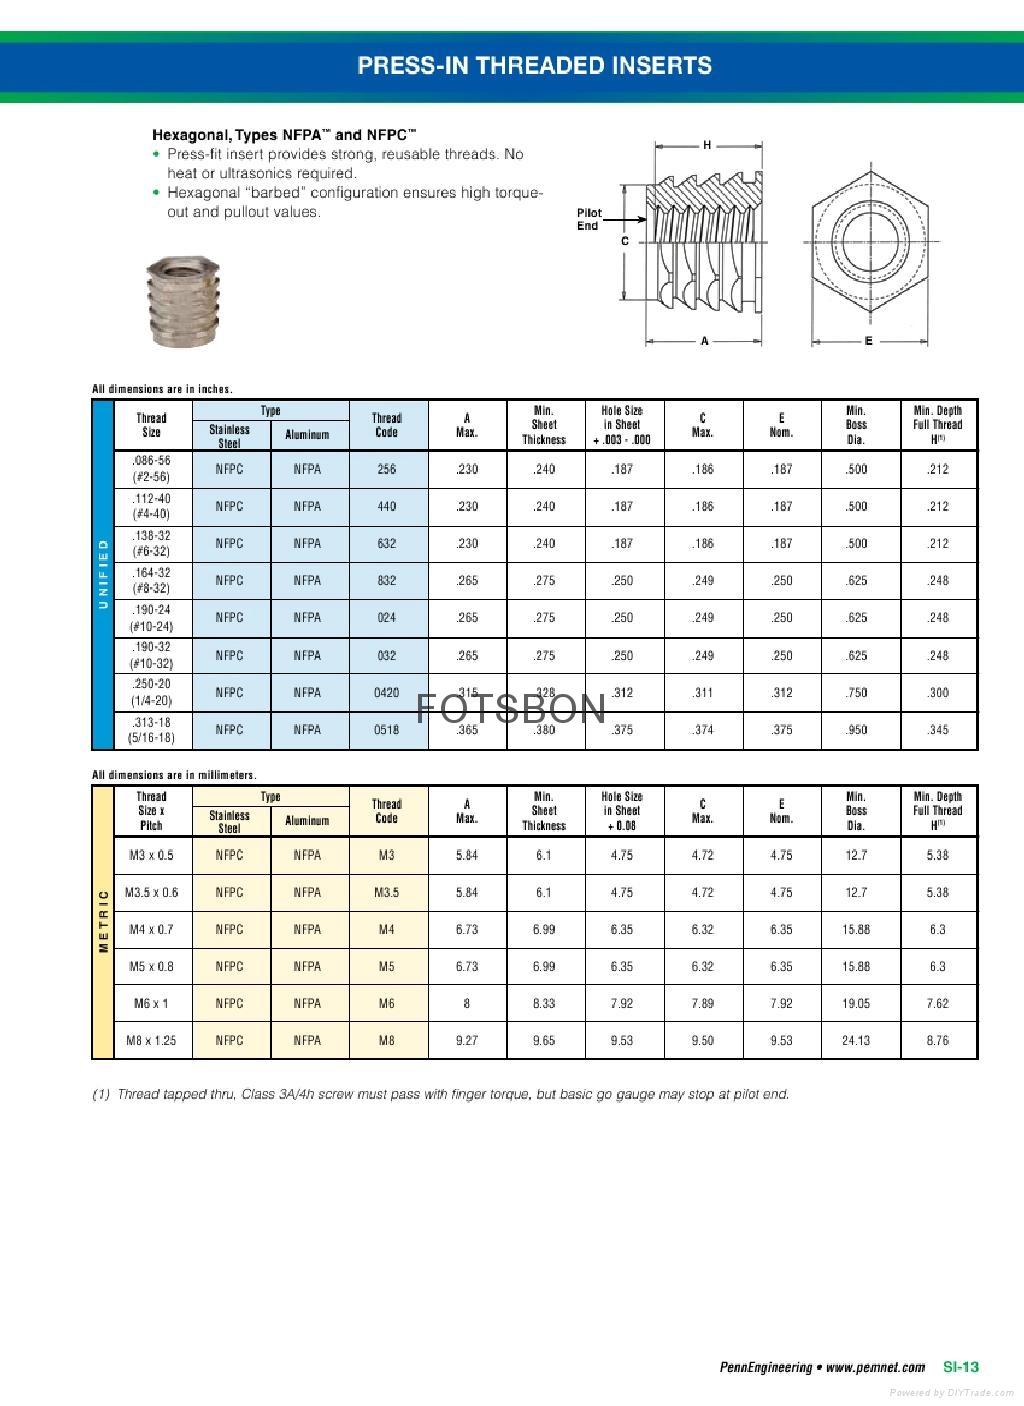 銅熱熔螺母IBLC ITB ITC STKB STKC NFPC NFPA 8